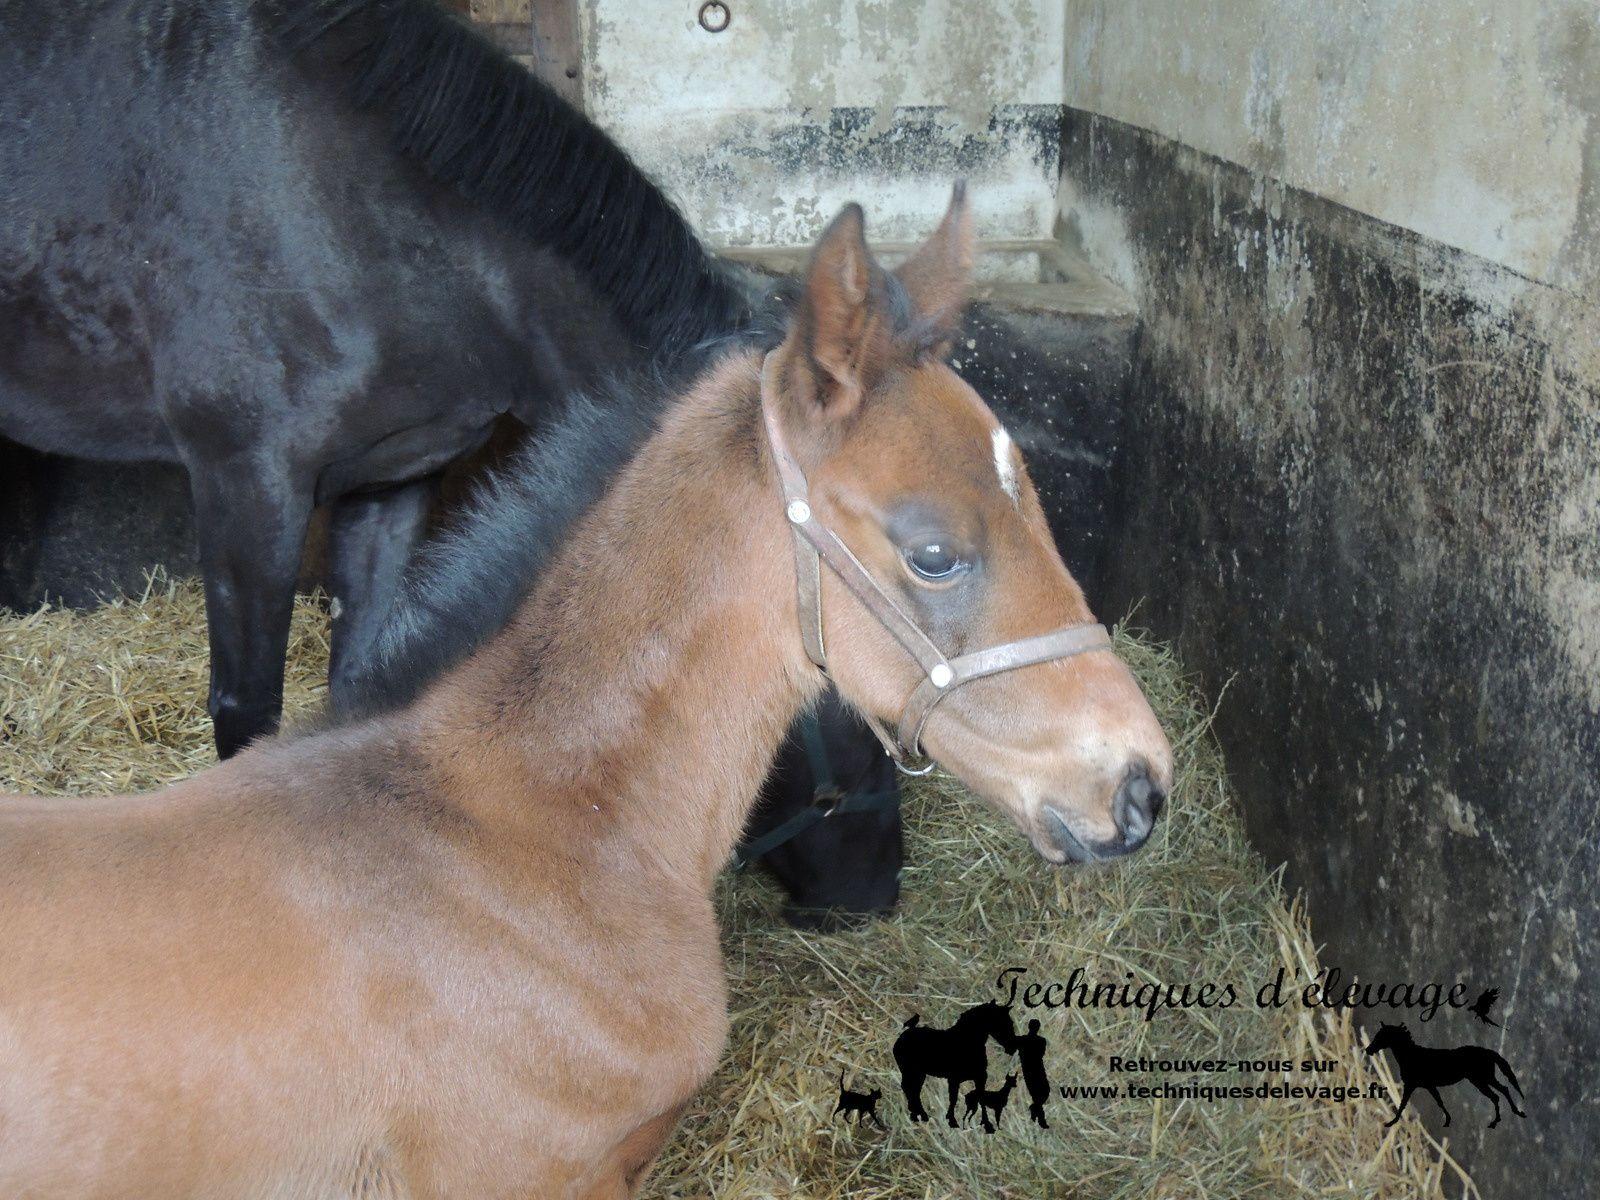 Jeune poulain et sa mère. Techniques d'élevage. Tous droits réservés